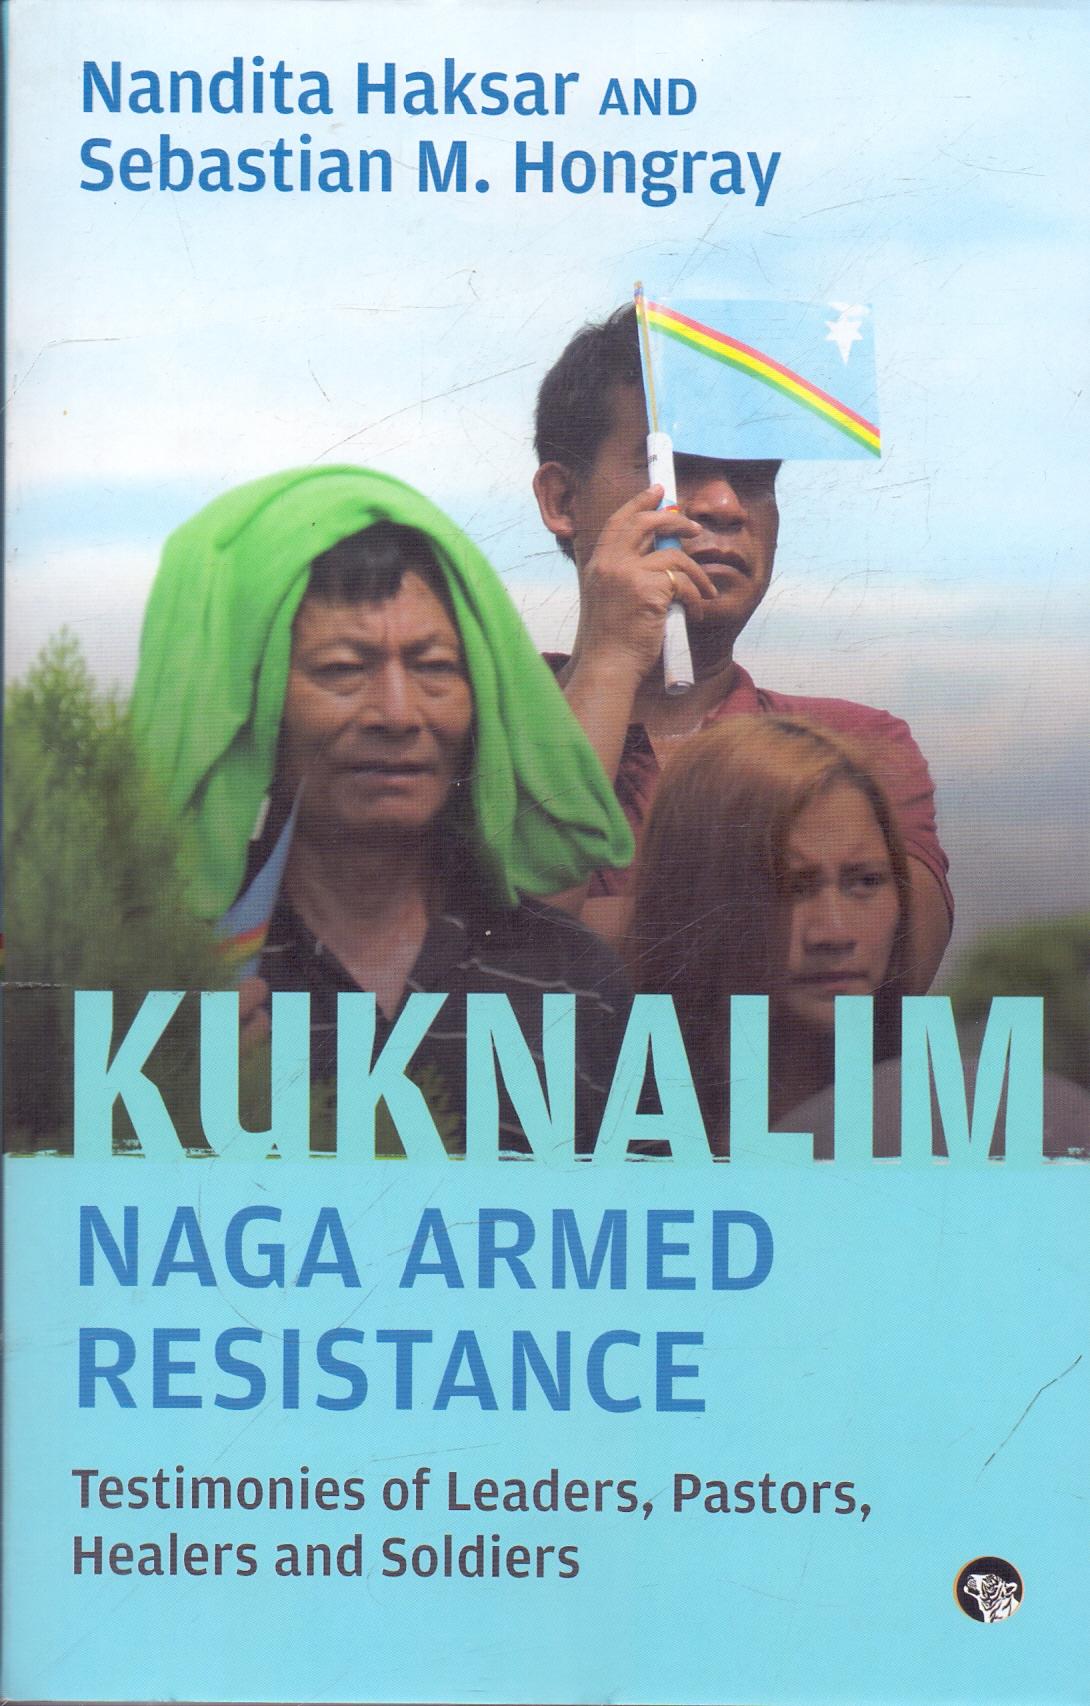 Kuknalim Naga Armed Resistance